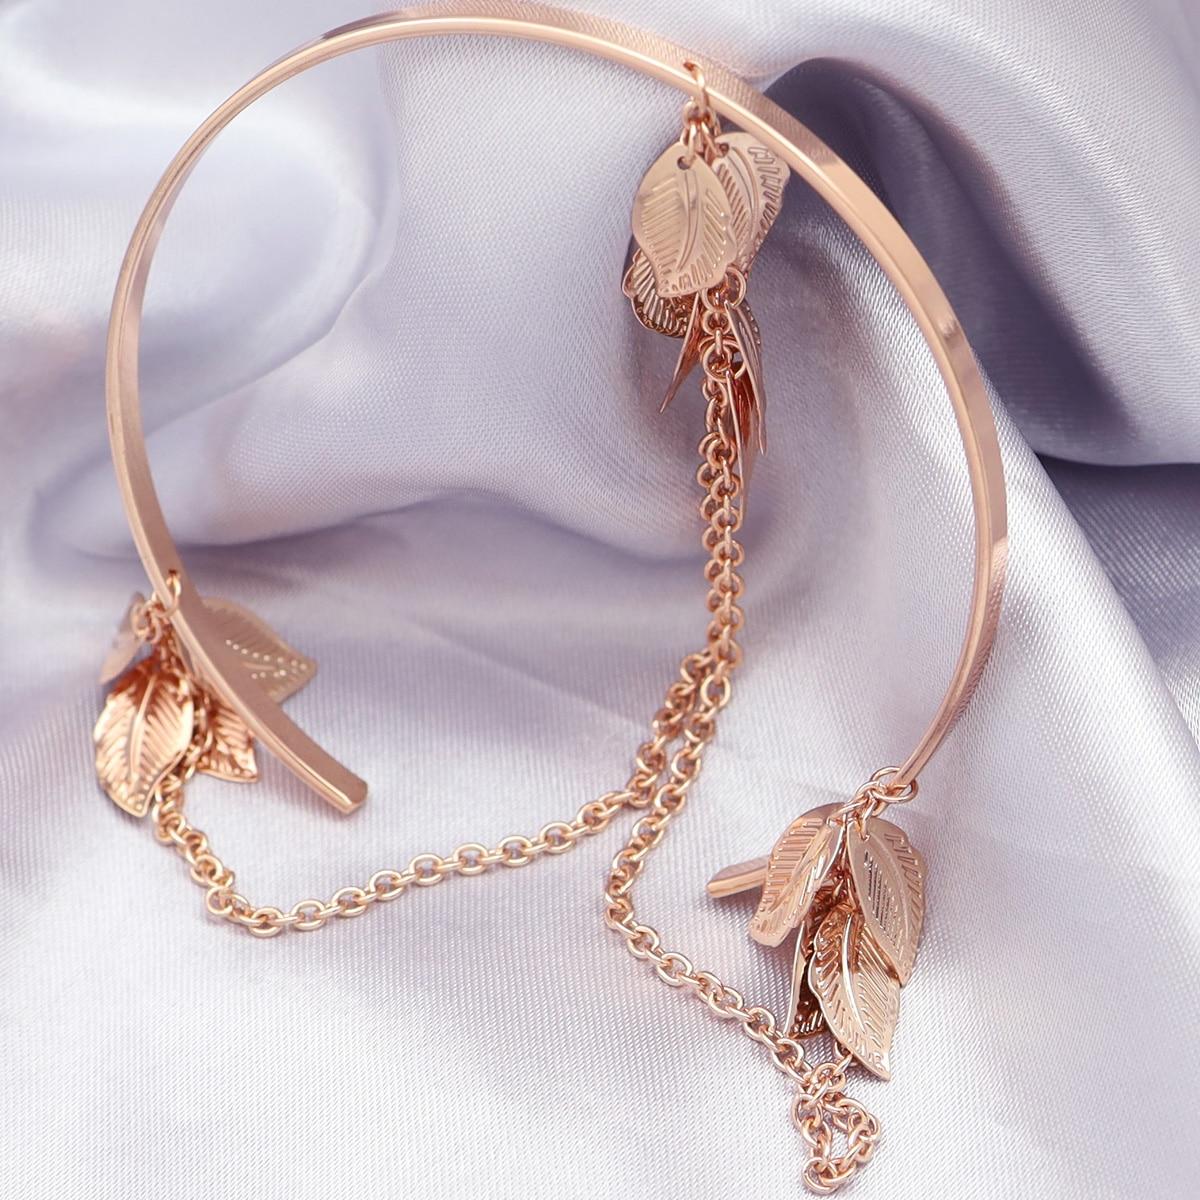 Hb57e7d45b15d49f4a71c3c9349ec2ee1E Prata banhado a ouro grego folha de louro pulseira braçadeira braço superior manguito armlet festival nupcial dança do ventre jóias